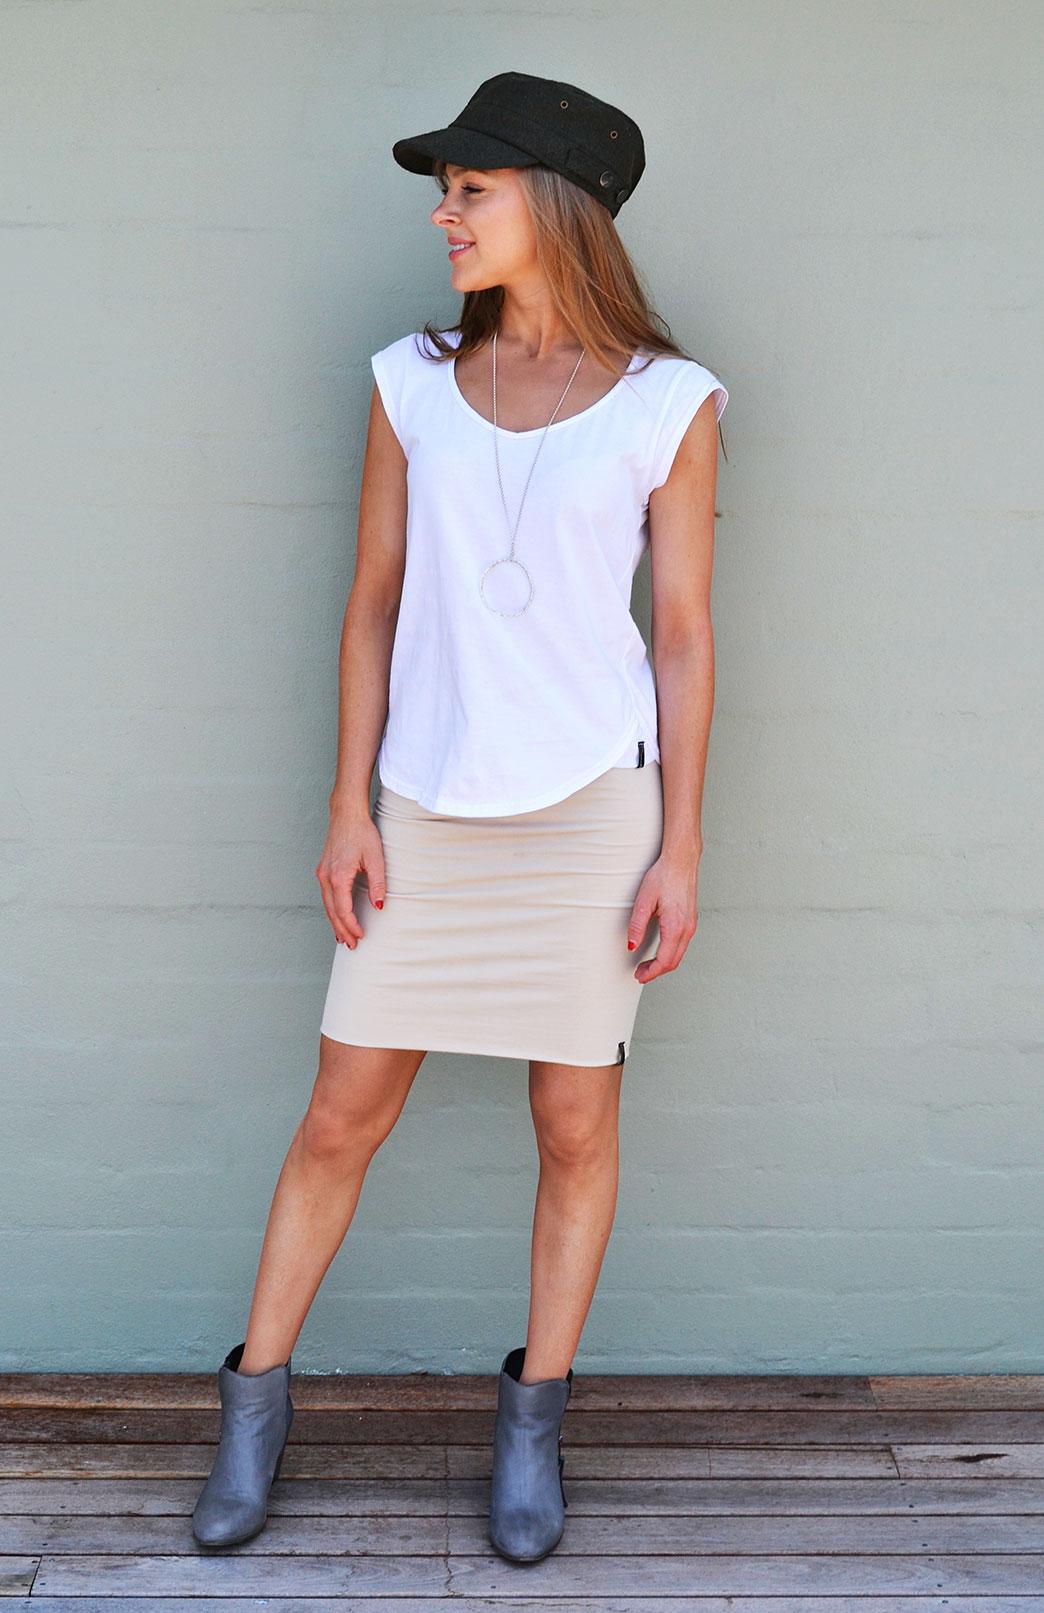 Cap Sleeve T-Shirt - Cotton - Women's White Organic Cotton Cap Sleeve Summer T-Shirt - Smitten Merino Tasmania Australia